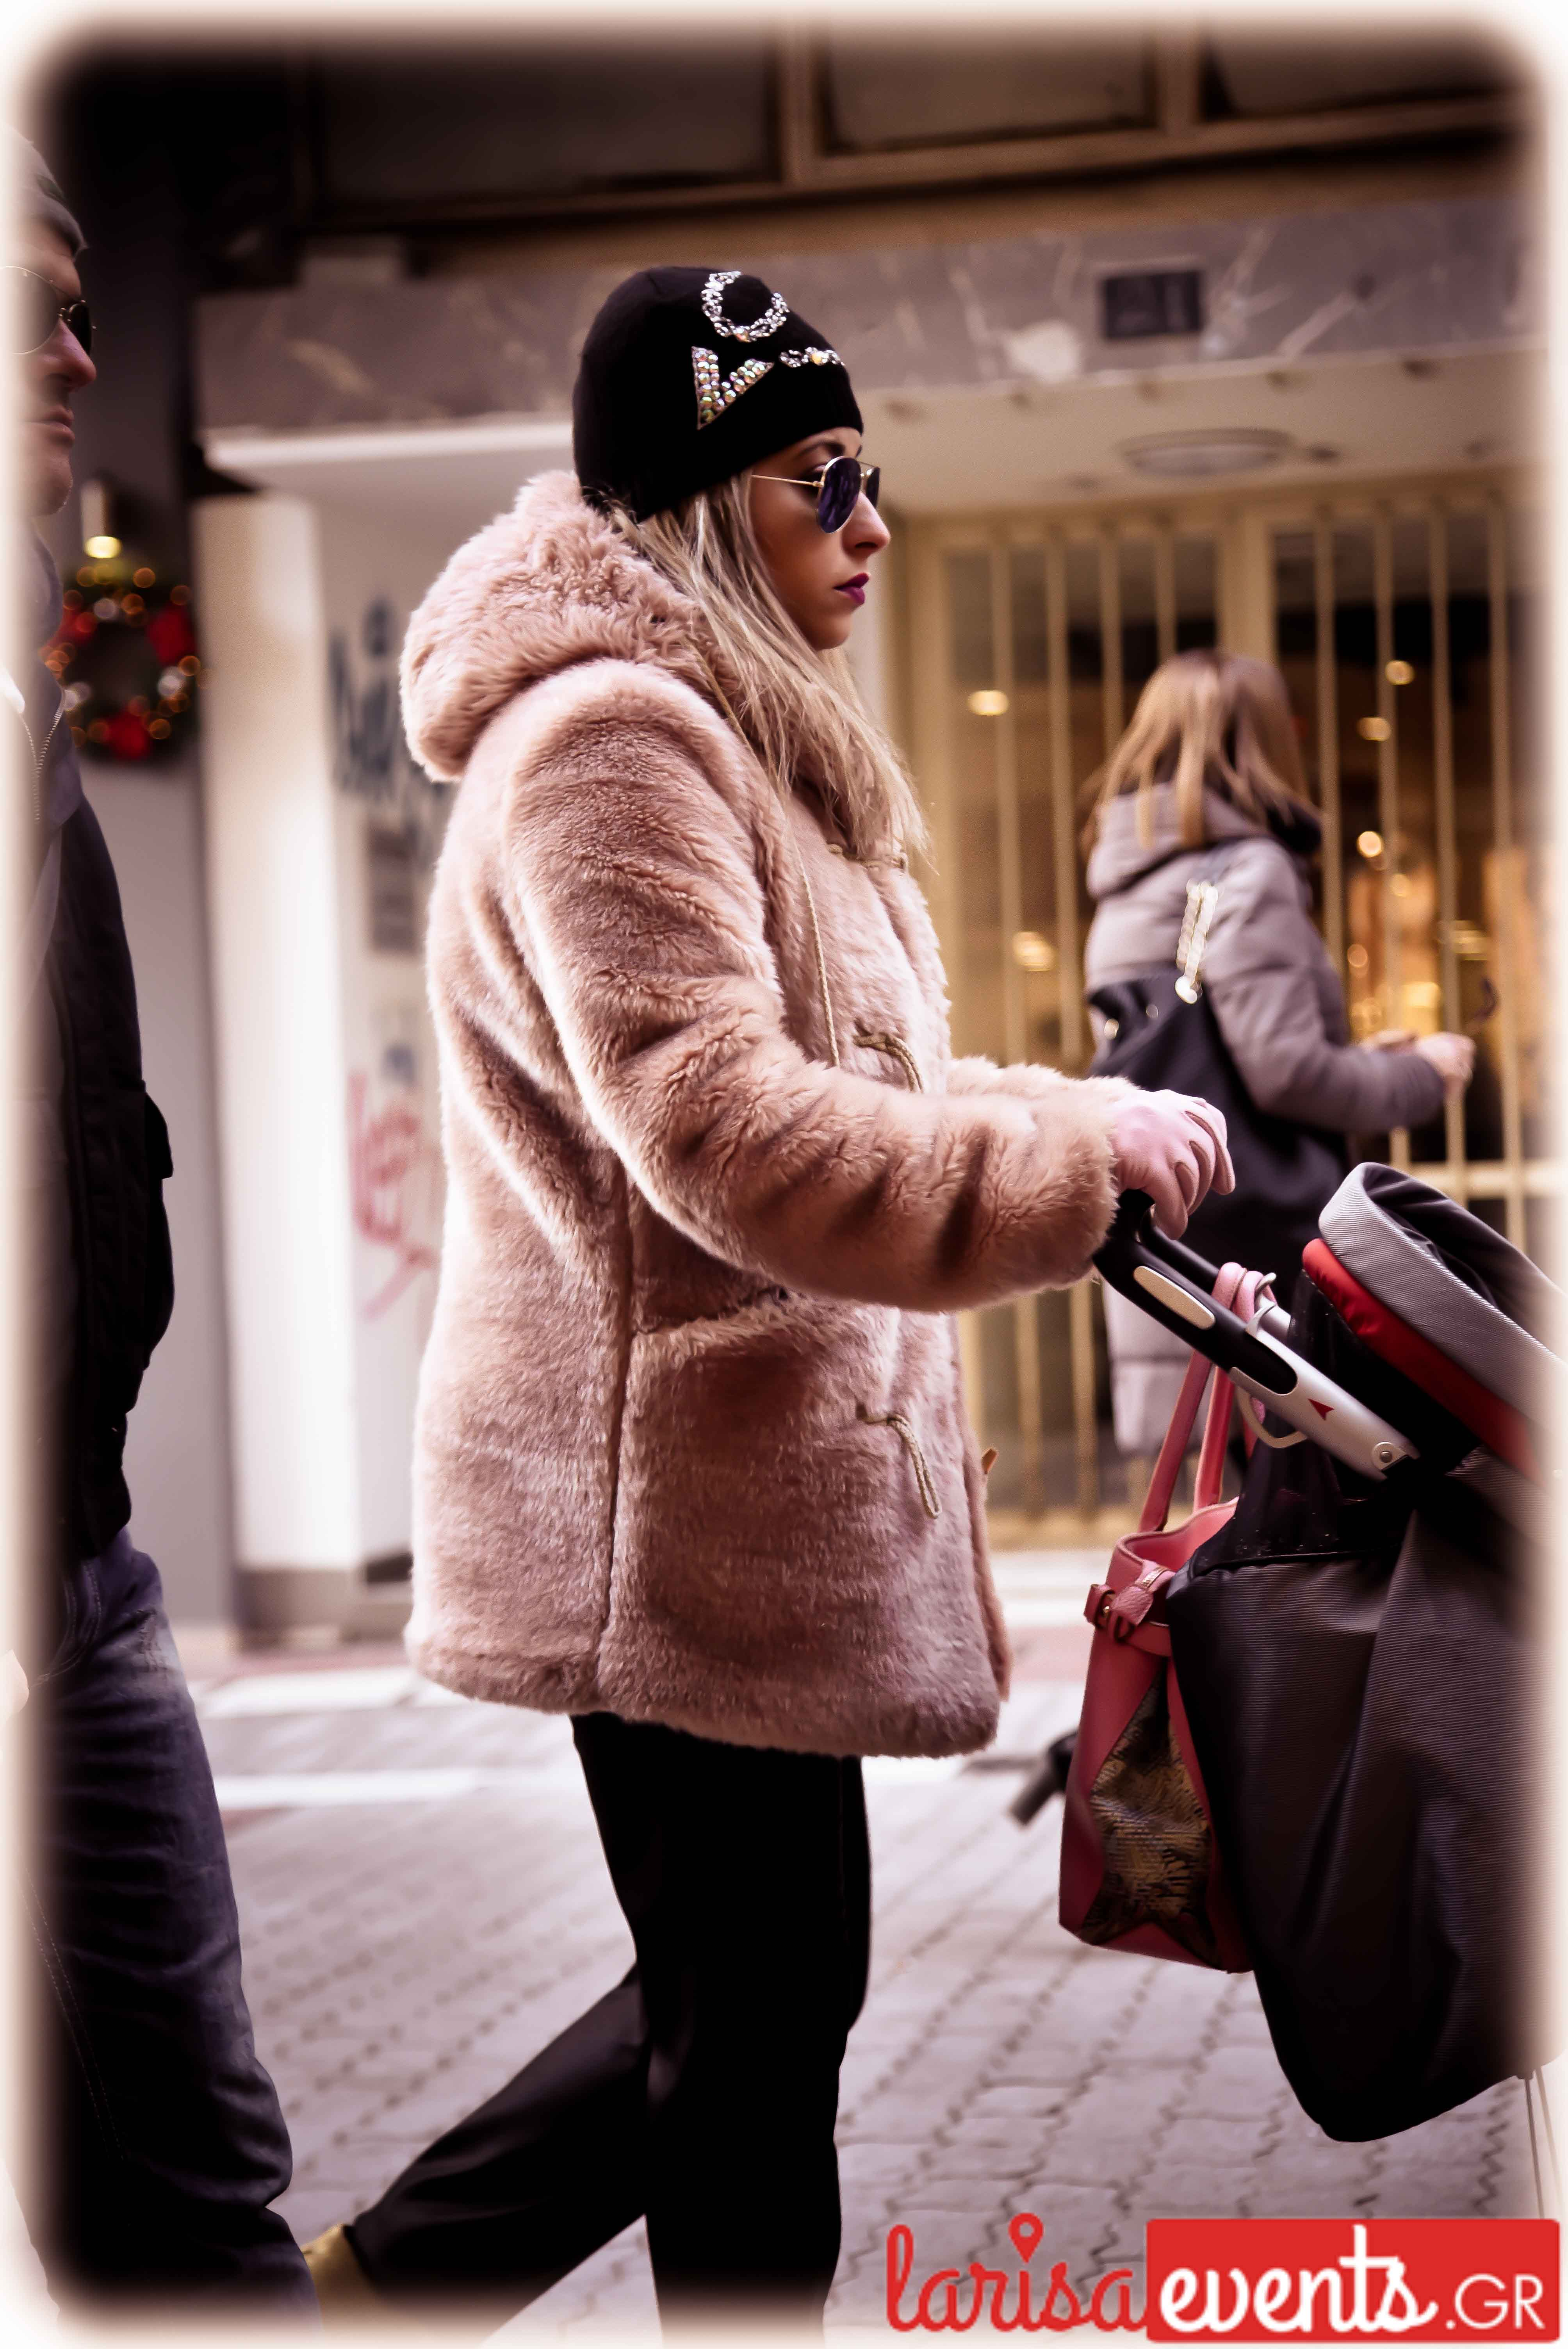 LAZ 4830 - Το fashion κομμάτι που προτίμησαν περισσότερο απ' όλα οι Λαρισαίες φέτος!